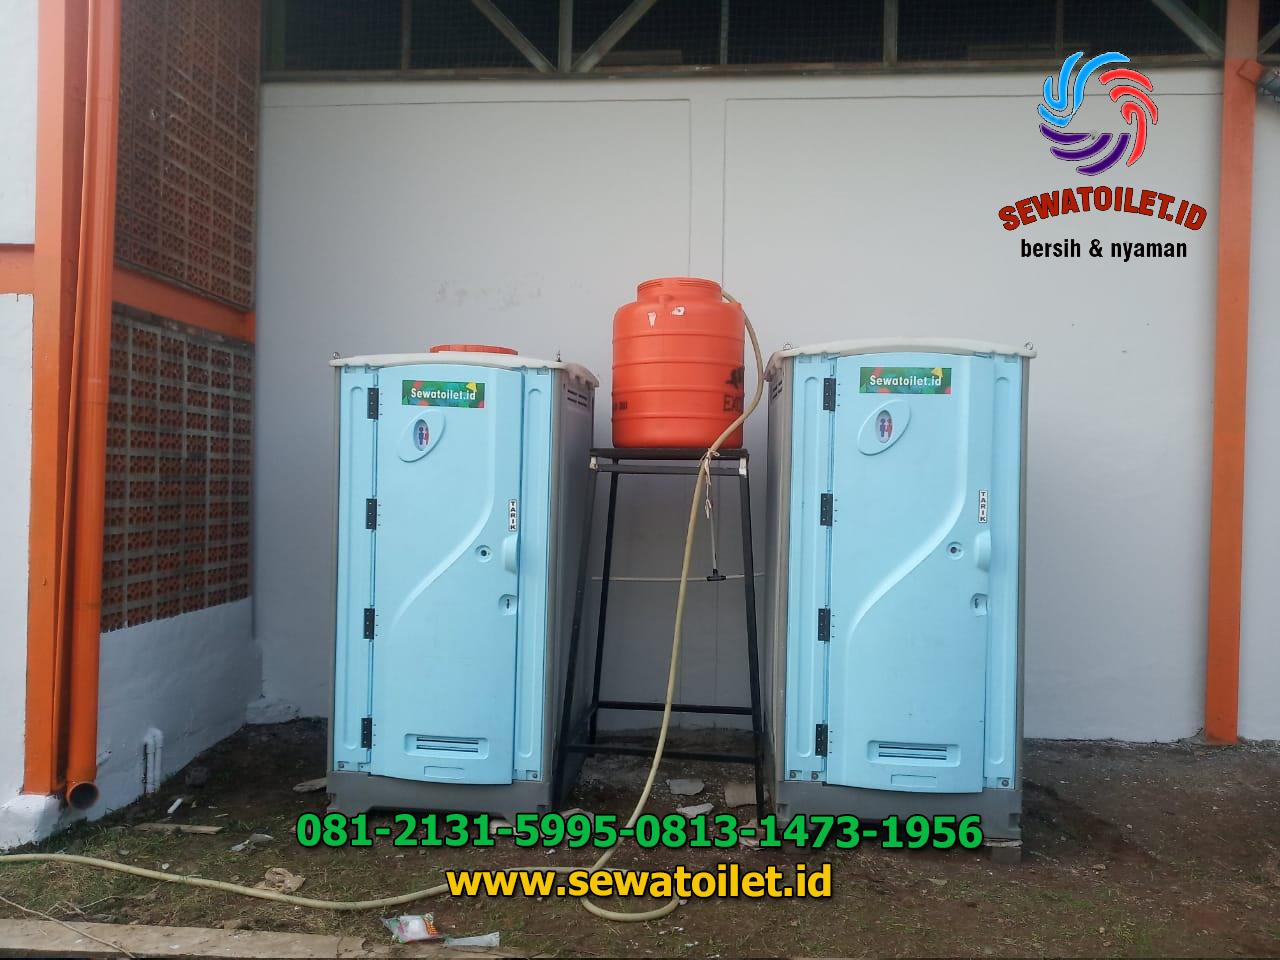 Sewa Toilet Portable Rumah Kompos Dan Nursery Kawasan Industri Pulo Gadung